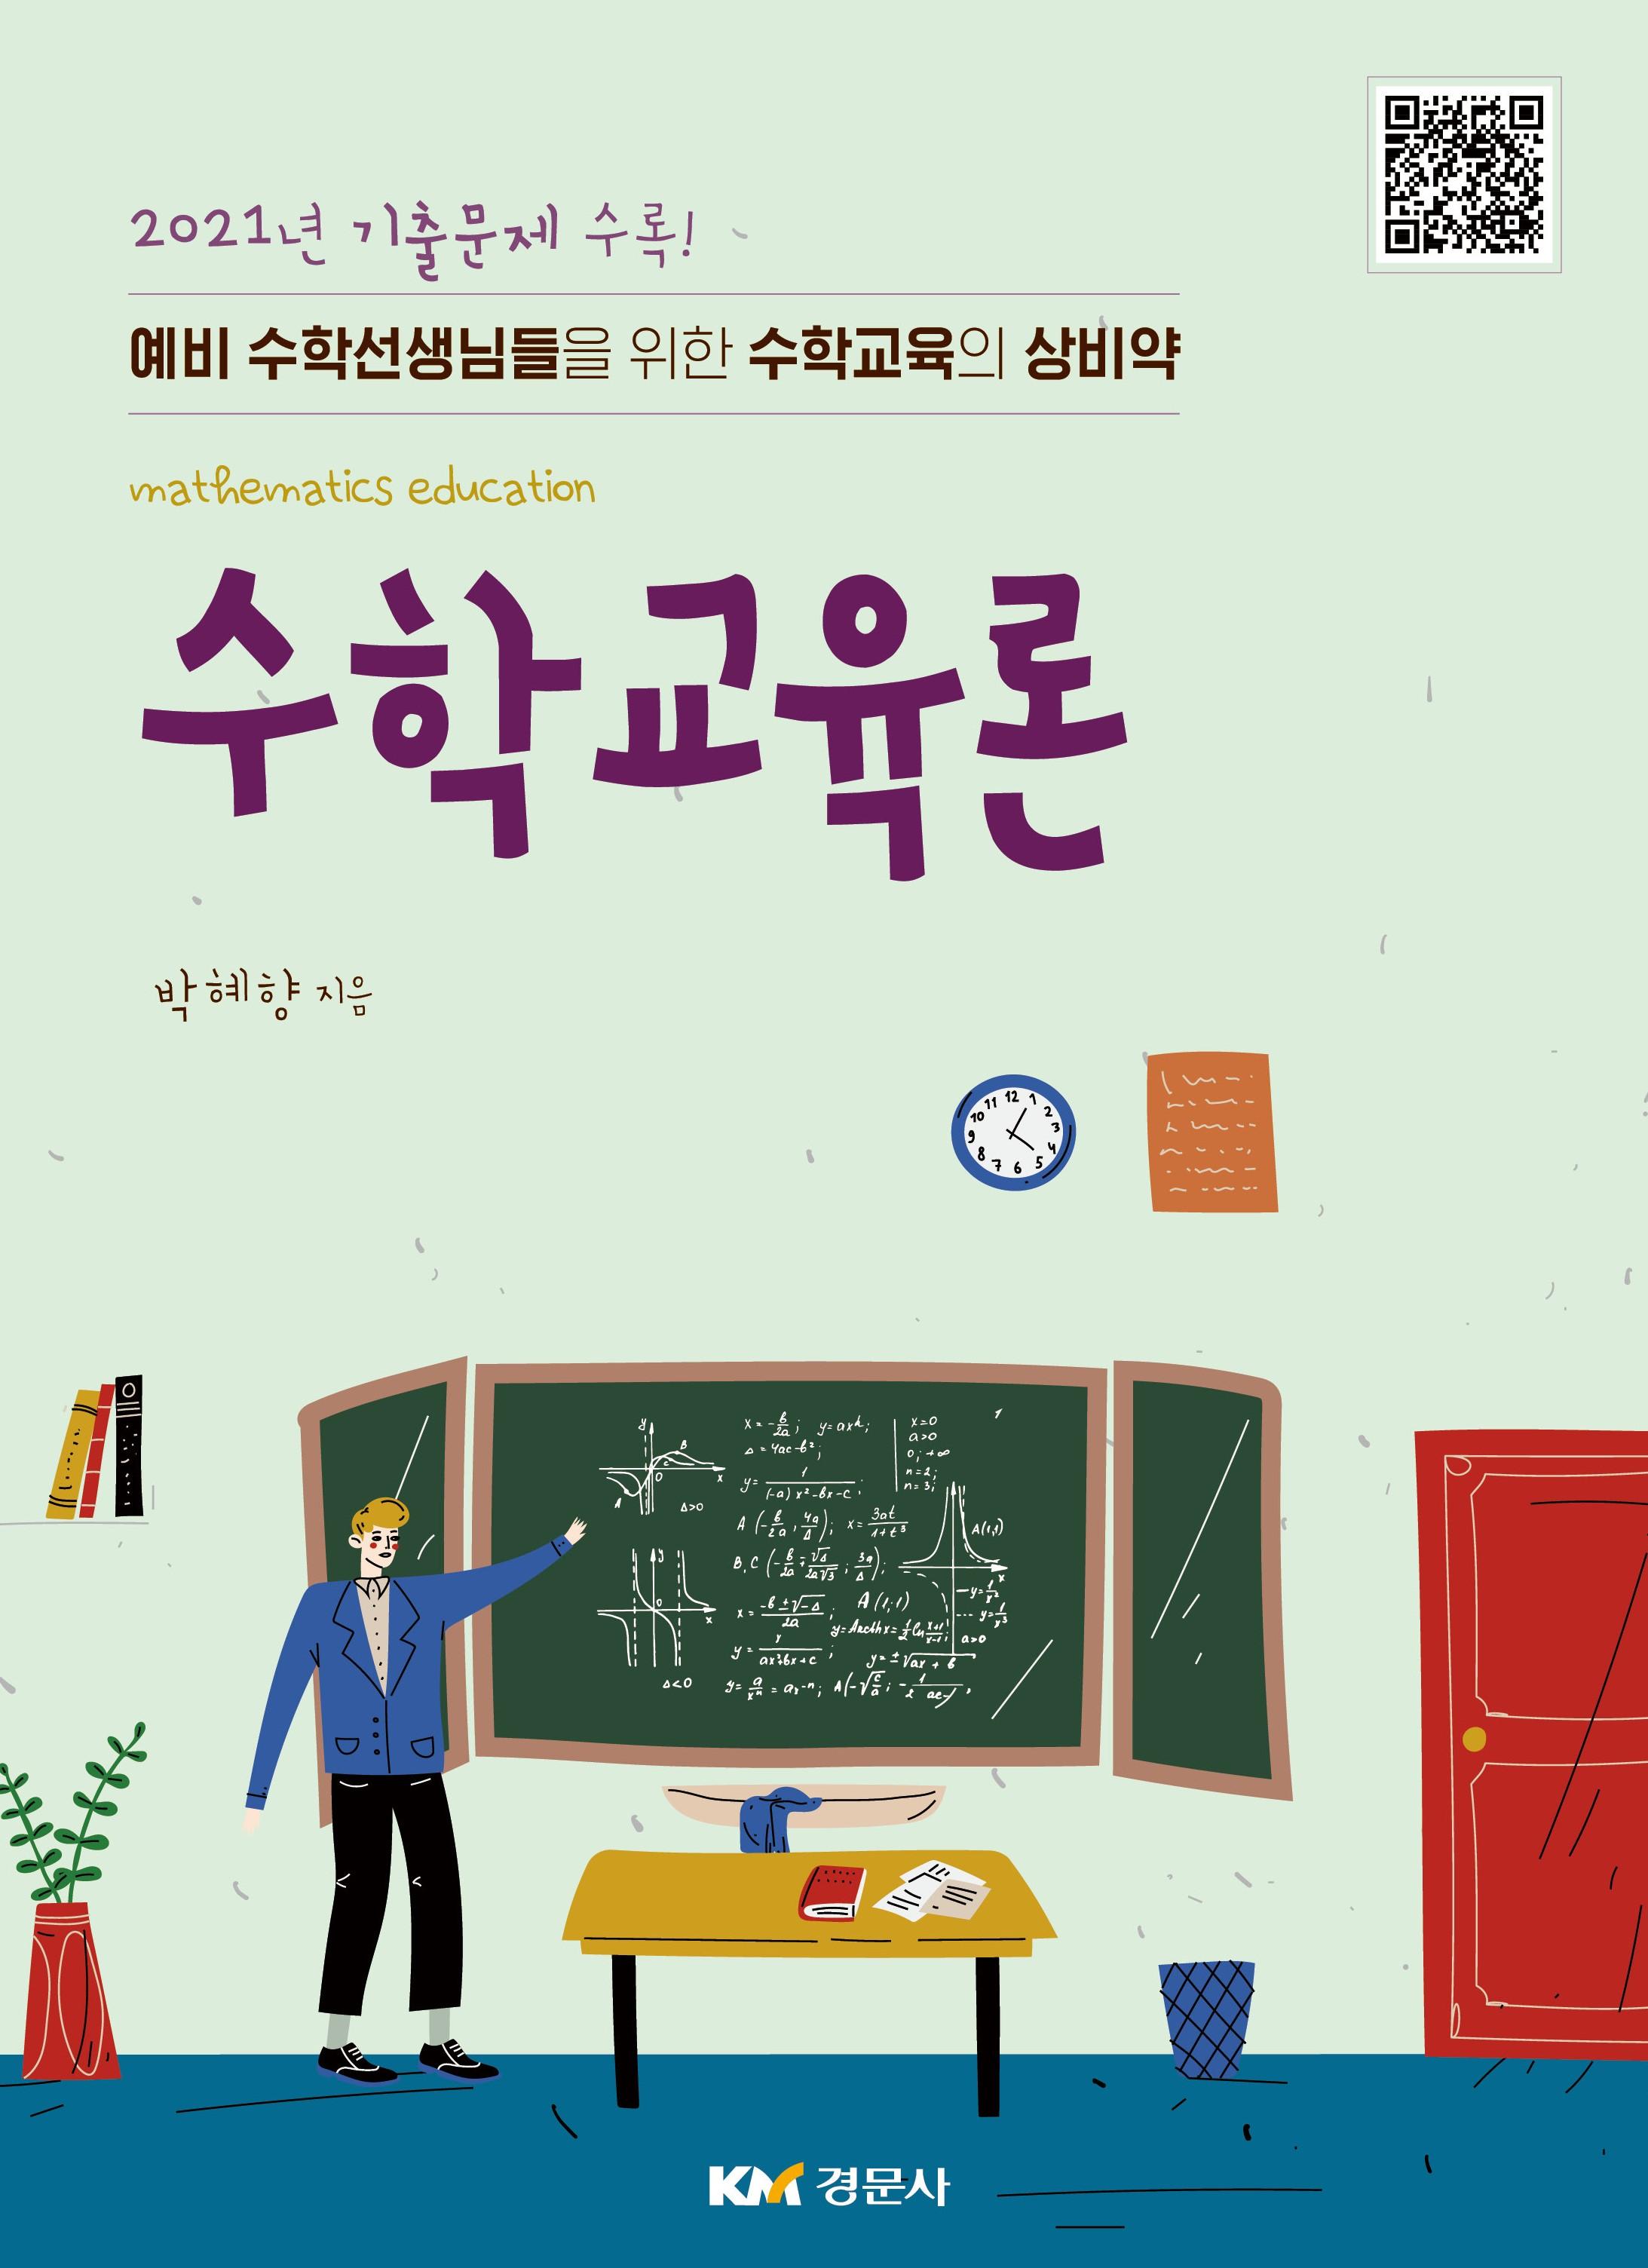 예비 수학선생님들을 위한 수학교육의 상비약 수학교육론